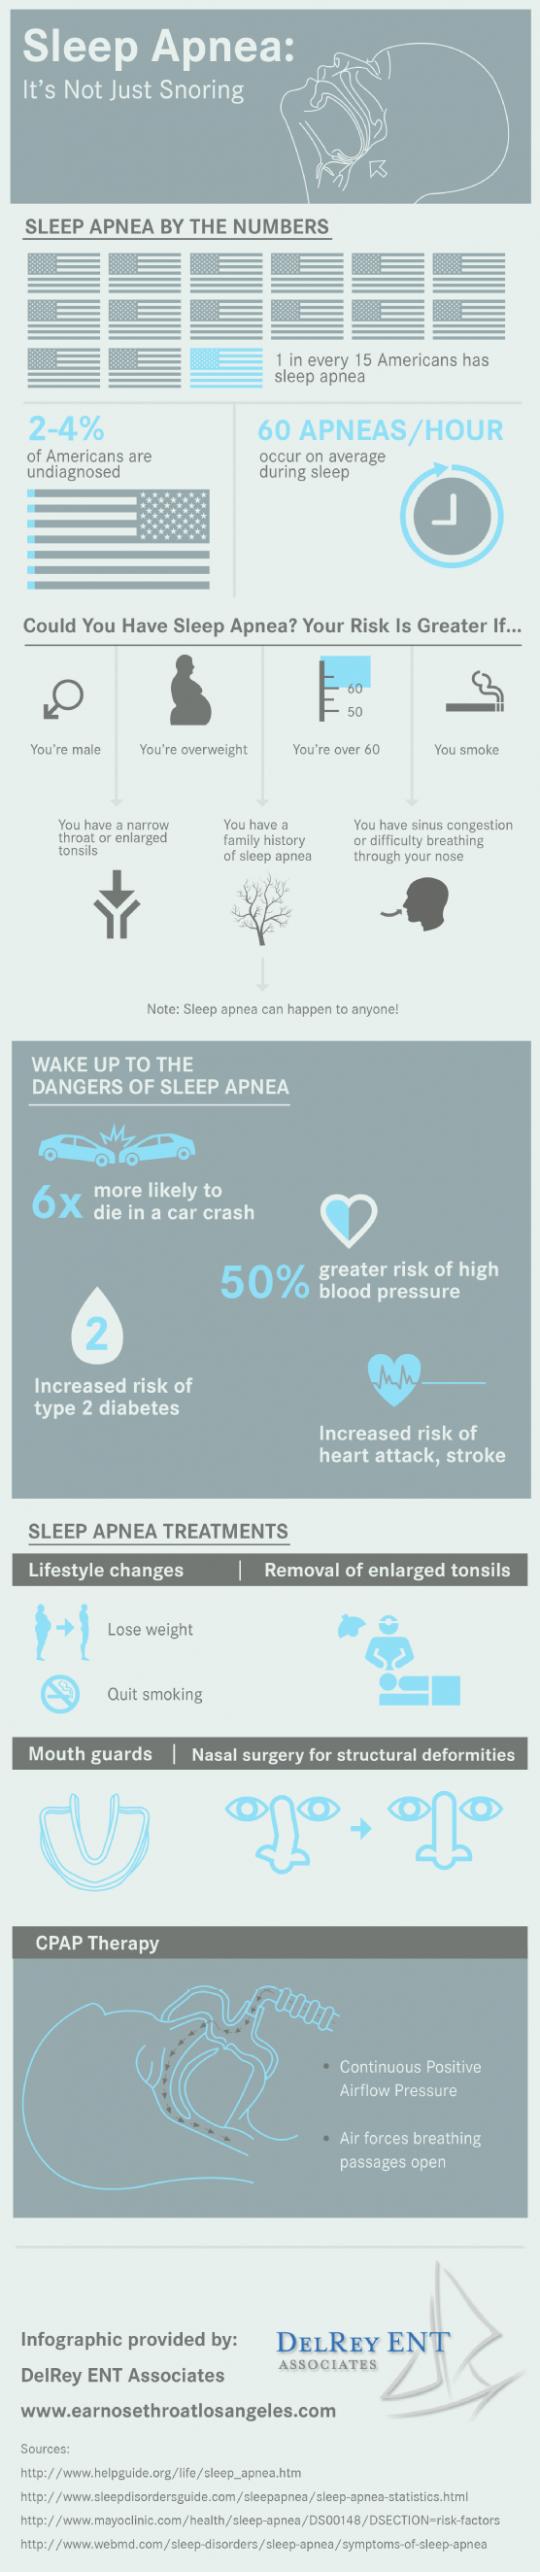 Sleep Apnea: It's Not Just Snoring